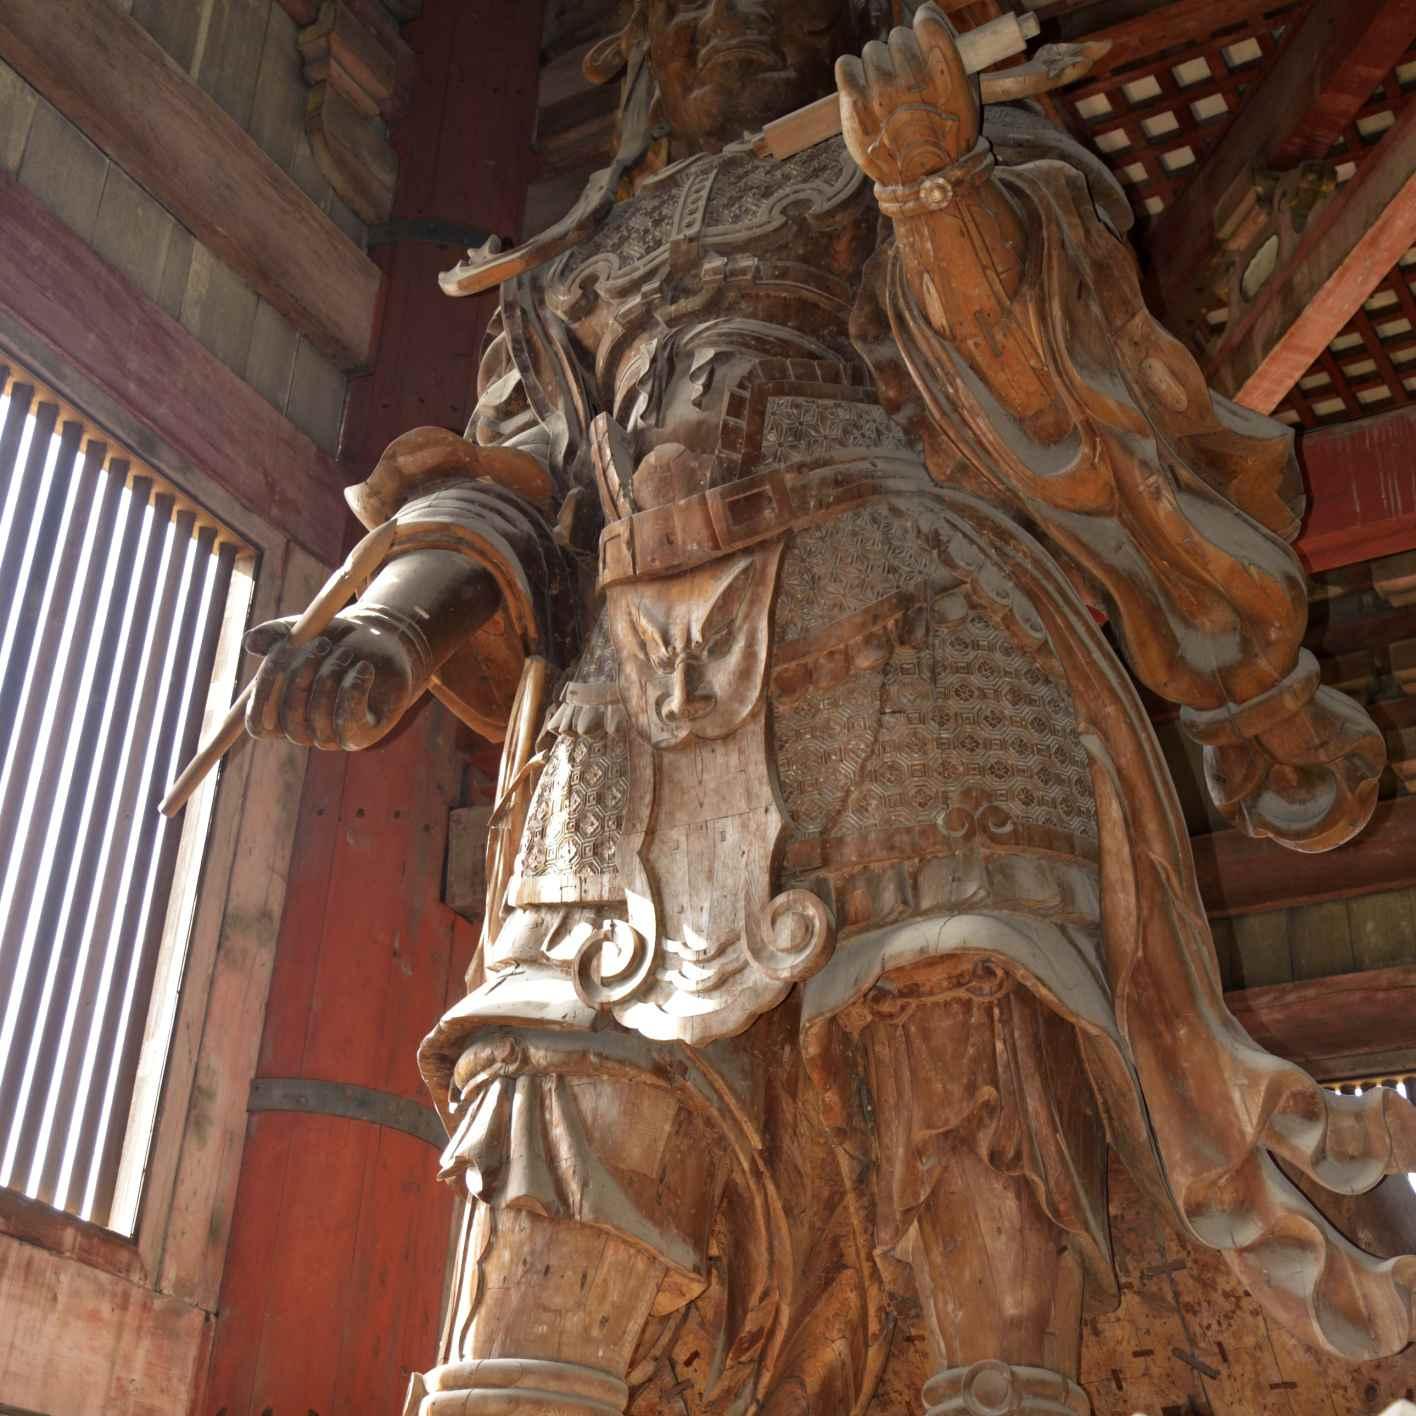 Komokuten, a Heavenly King